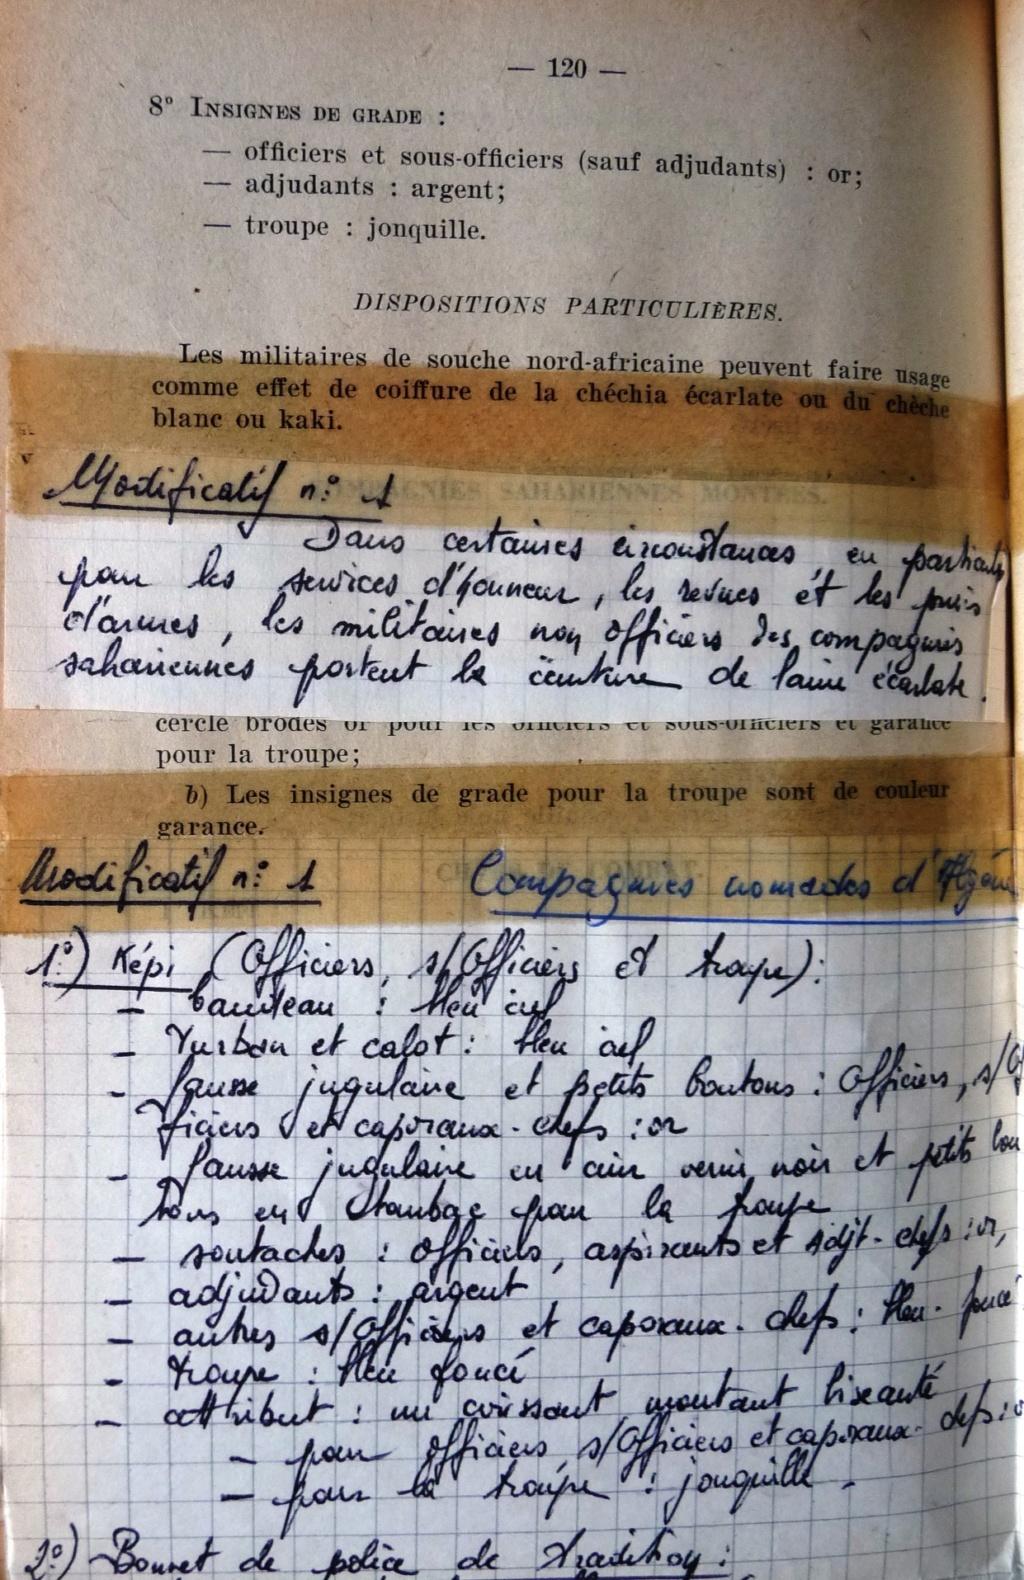 """Recherche """"instructions relatives aux tenues et uniformes"""" de 1958 Cosa_012"""